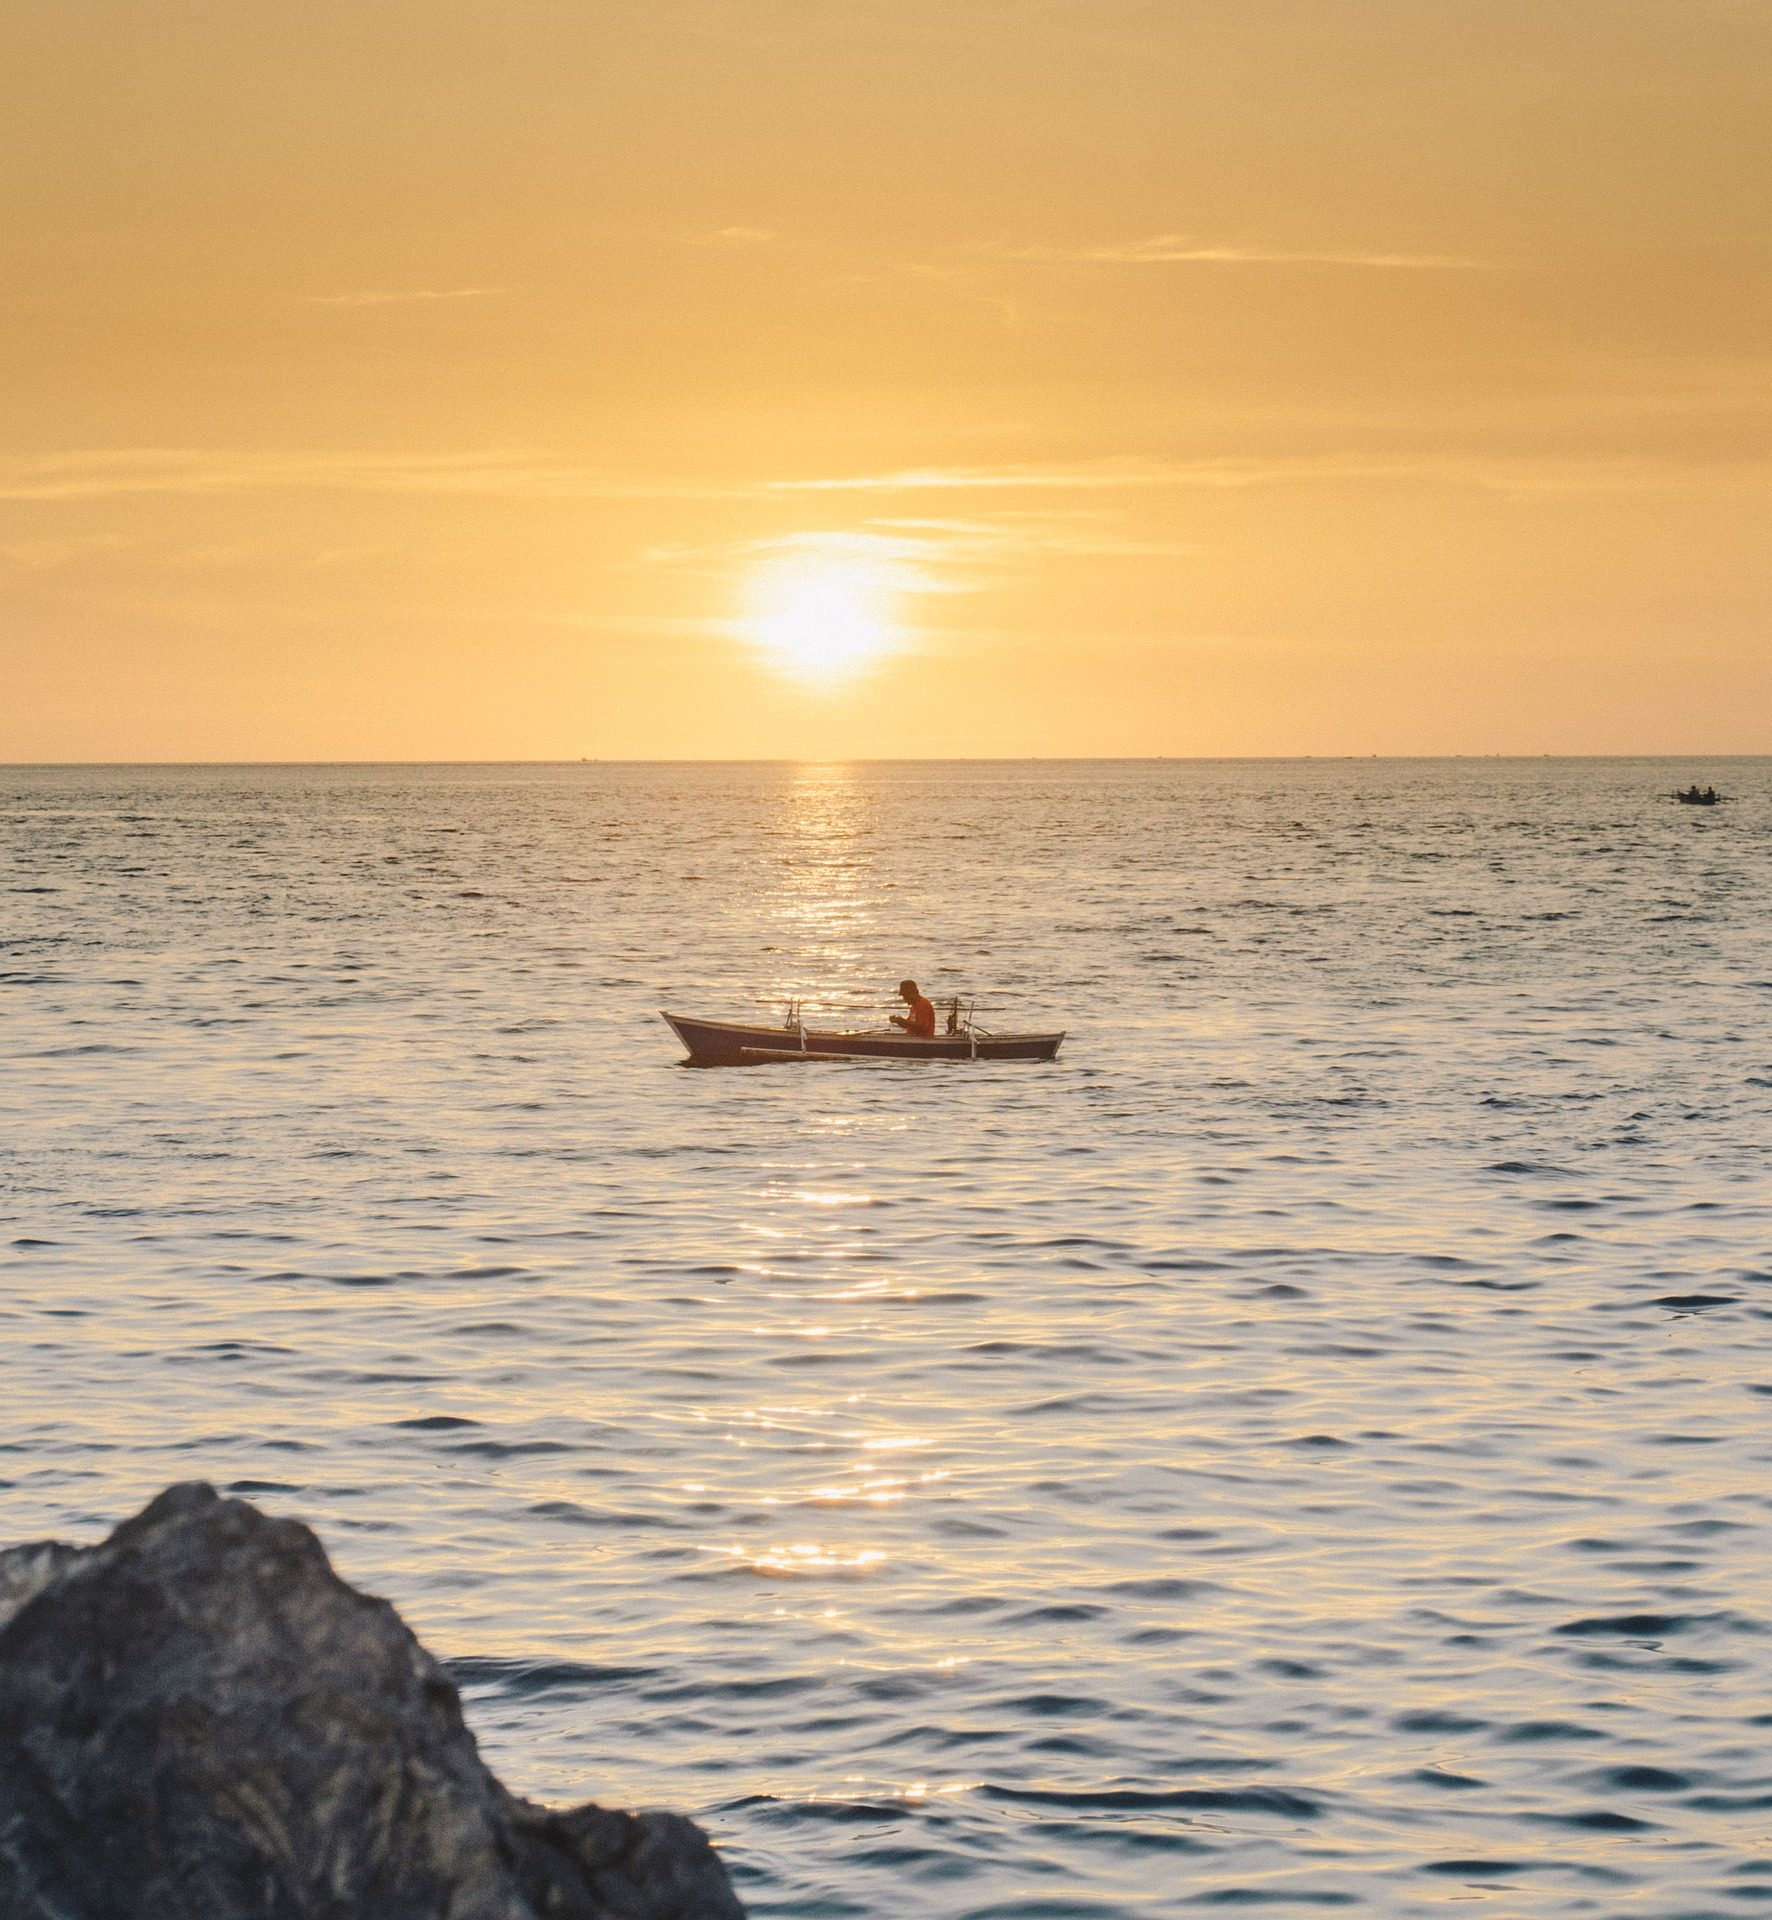 バルサ, 釣り, 漁師, mar, 海, サンセット, 地平線 - HD の壁紙 - 教授-falken.com